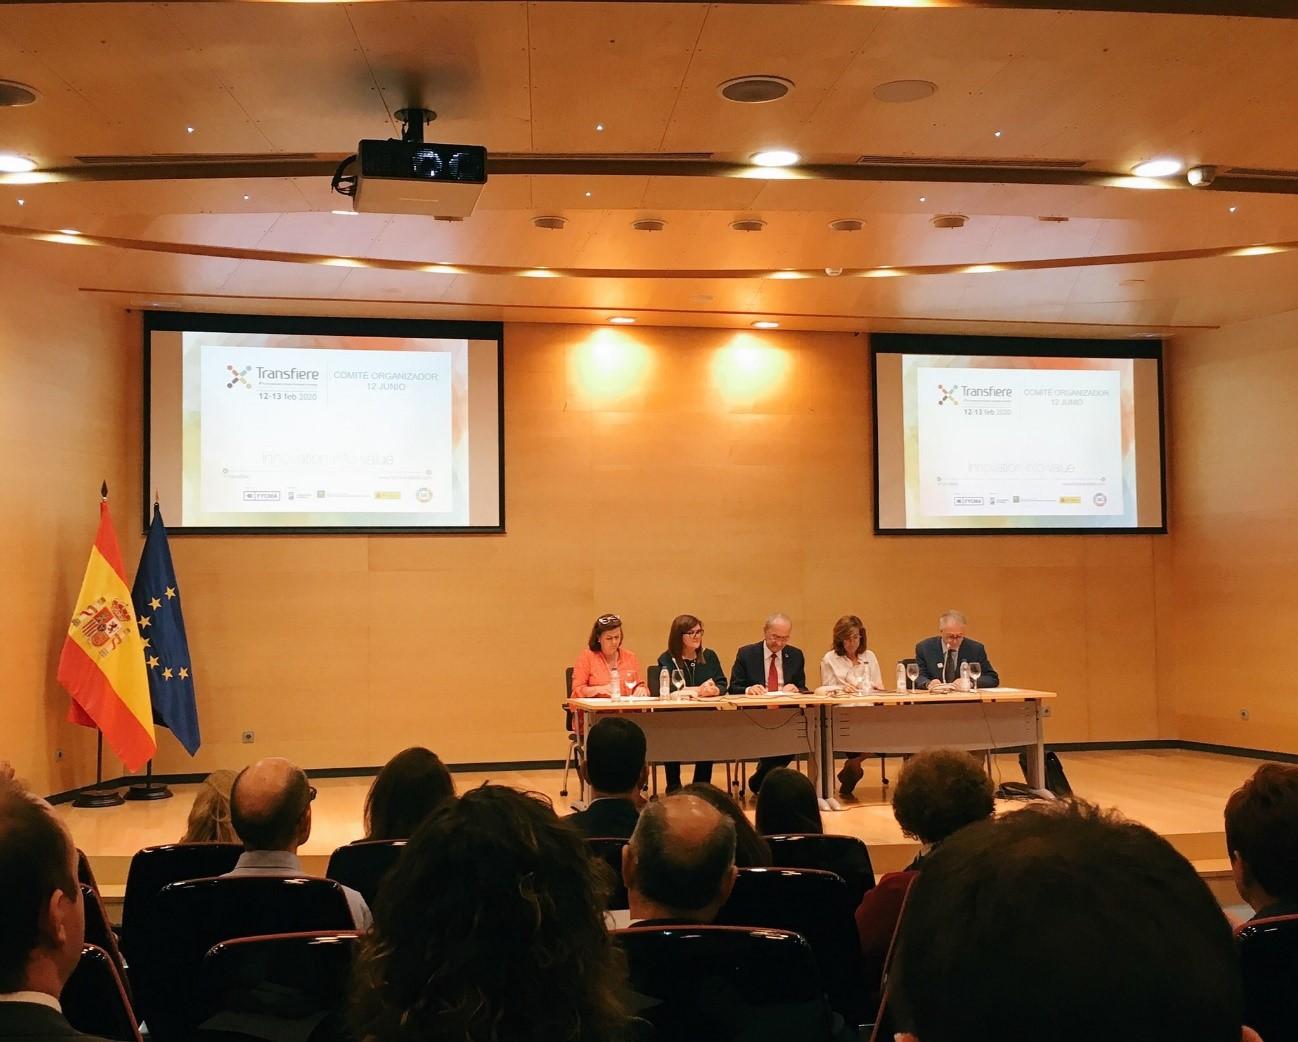 El Comité Organizador de Transfiere, del que forma parte GEOPLAT, se reúne para definir la estrategia de la edición 2020